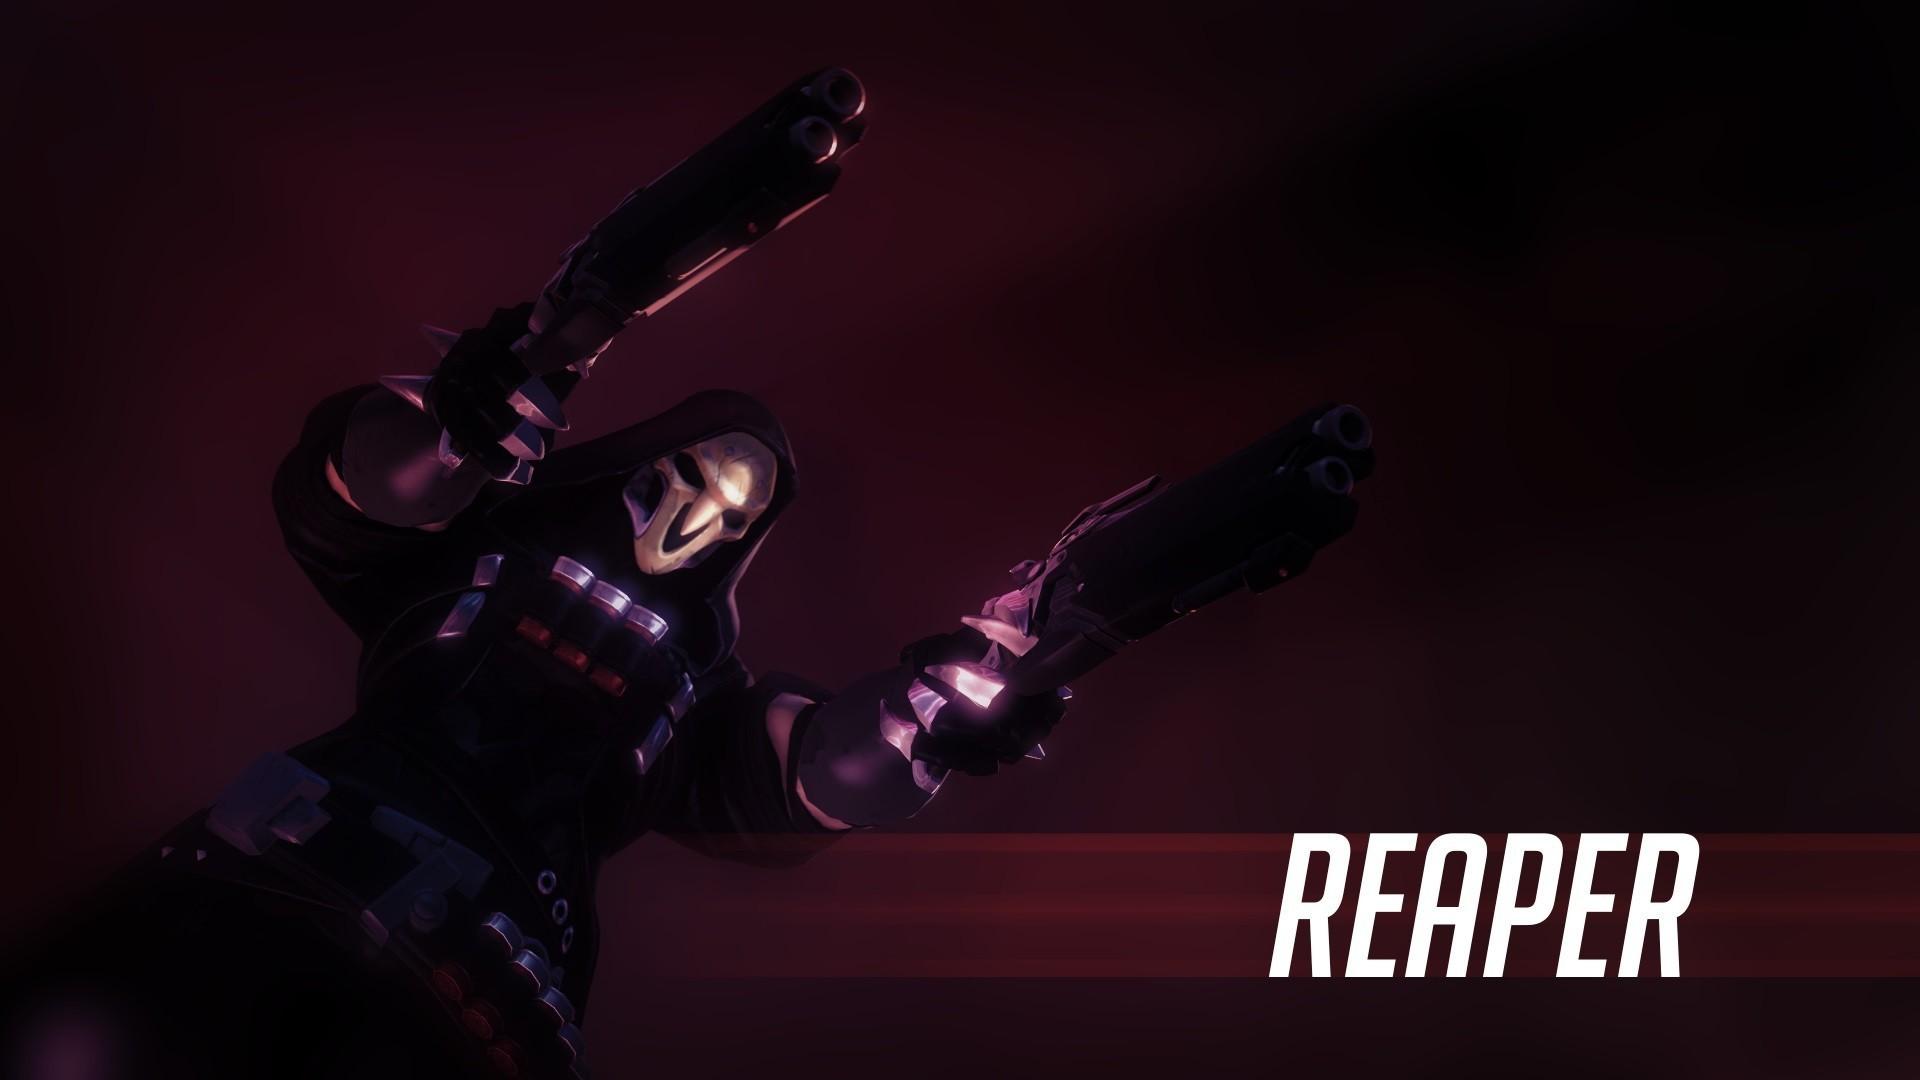 Reaper Overwatch 1920x1080